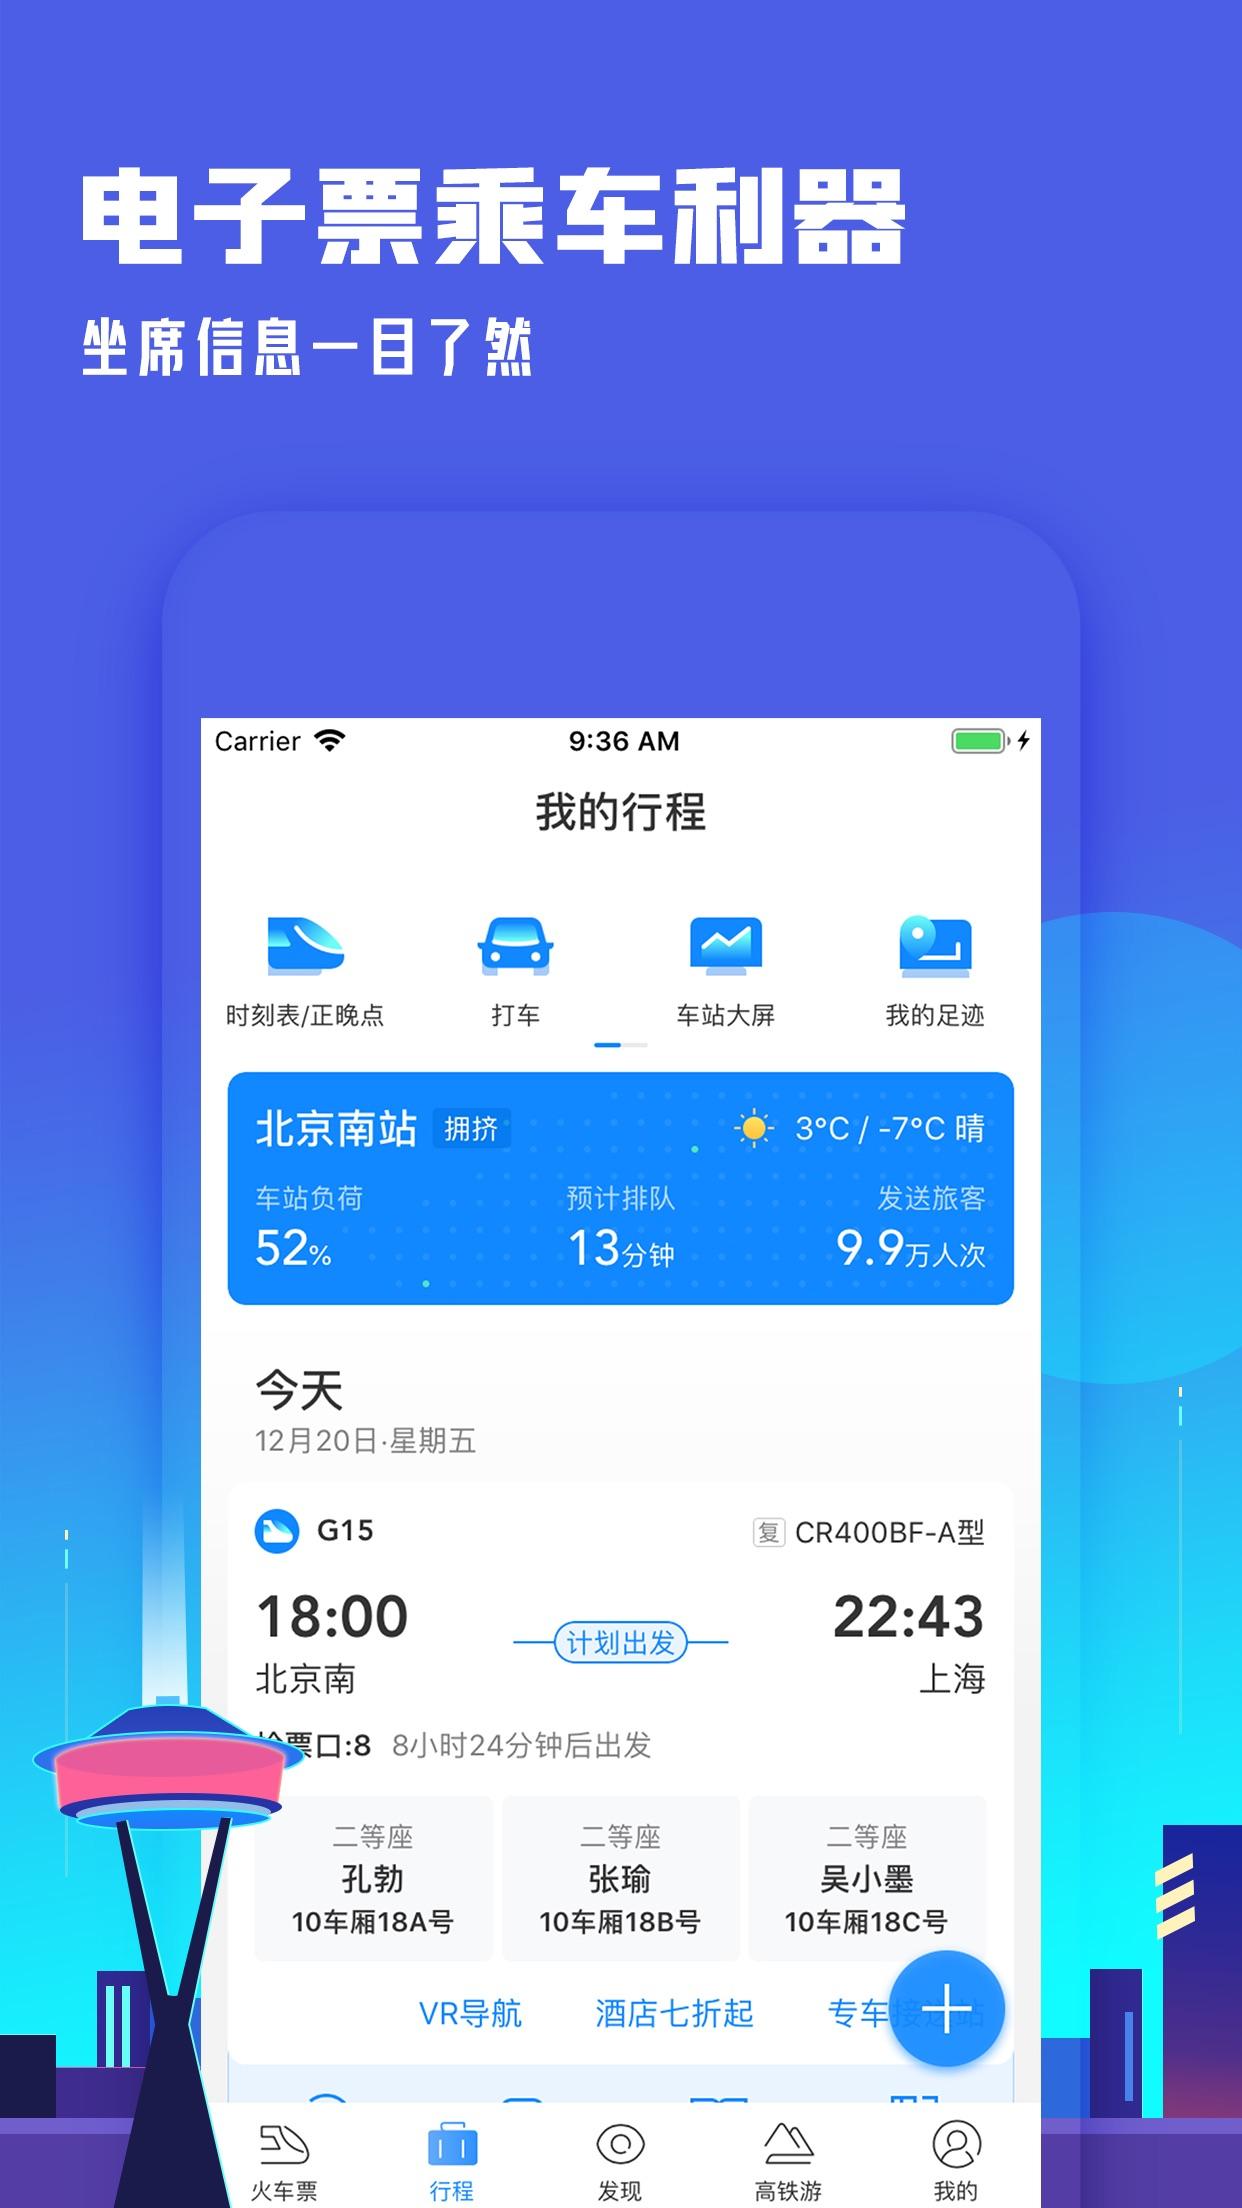 高铁管家 - 火车票机票云端自动抢票 Screenshot